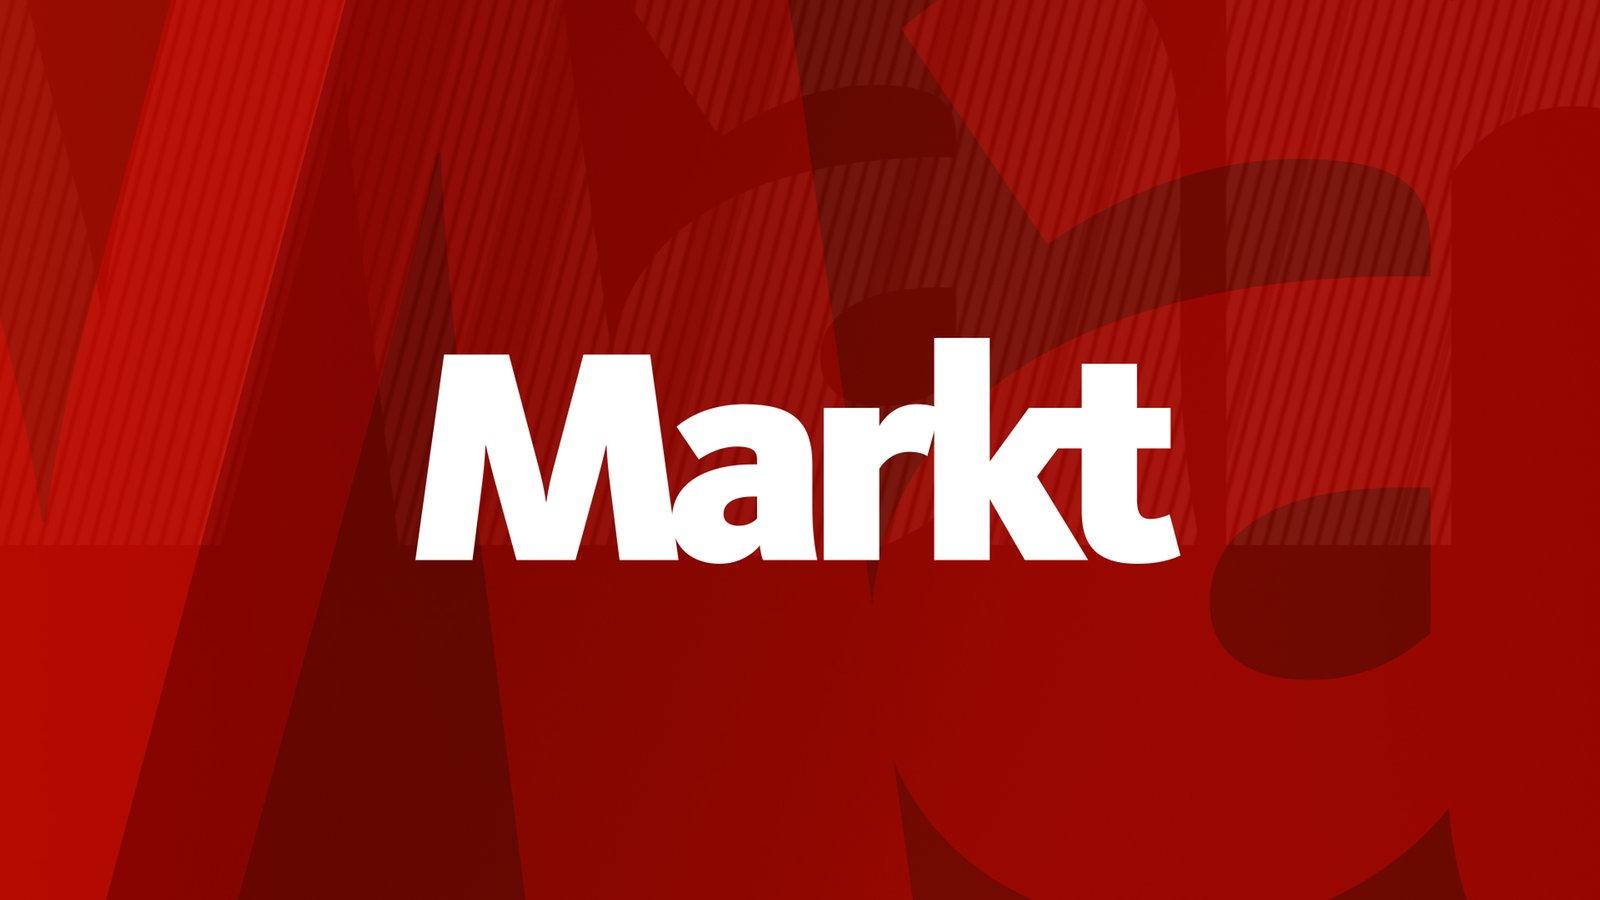 Markt verbrauchermagazin im wdr fernsehen markt fernsehen wdr for Ndr mediathek filme